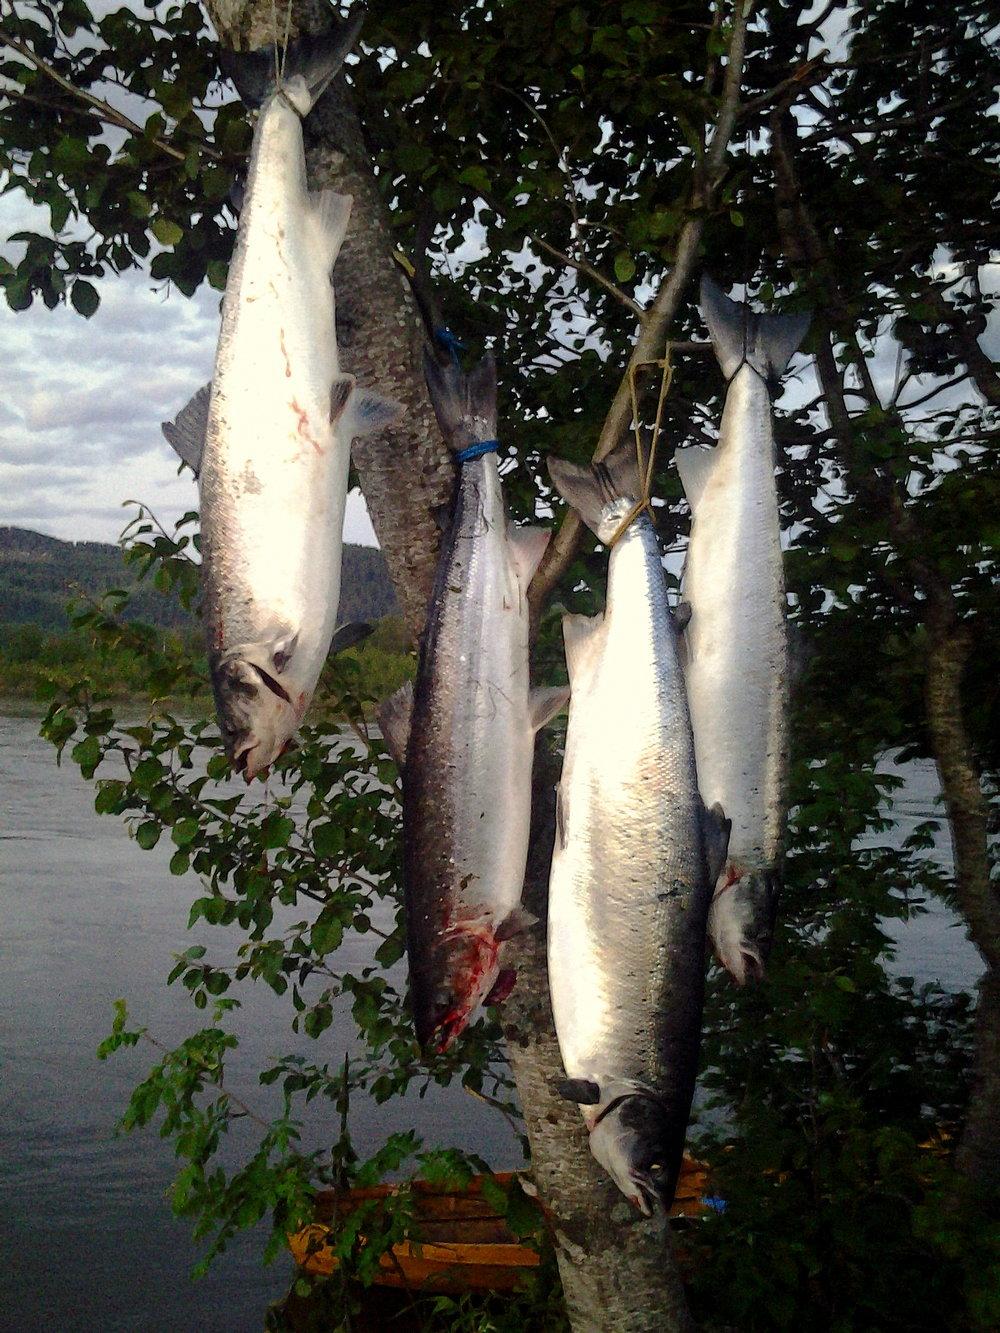 Høsting og matauk er tradisjon i Norge. I de elvene som fremdeles har et overskudd av gytelaks når sesongen er over, kan kanskje slike dagsfangster tolereres. For de fleste elver er det ikke slik. I 2015 ble hele 19 % av all fanget laks satt ut igjen, så høstingskulturen er i endring!  Foto: Per Holmstad